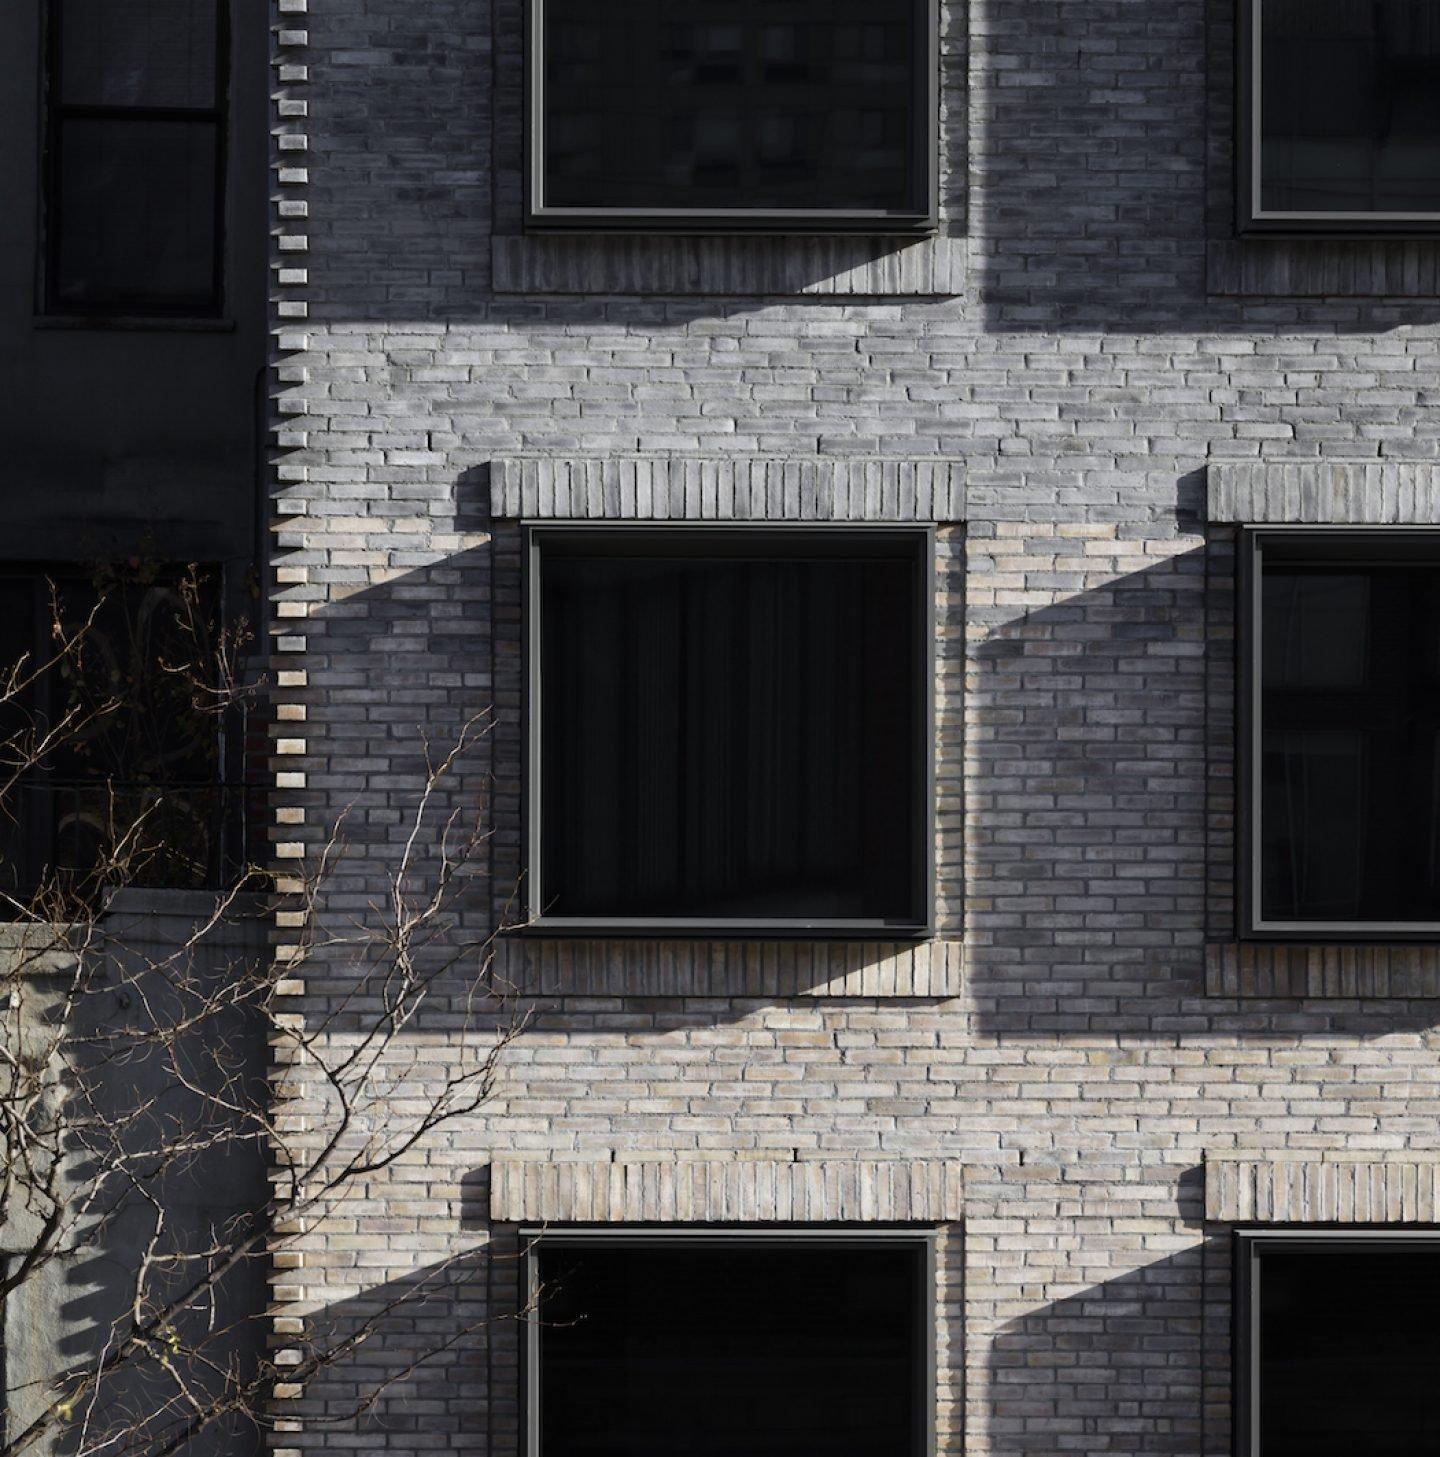 Grzywinski+Pons_architecture - External - 14